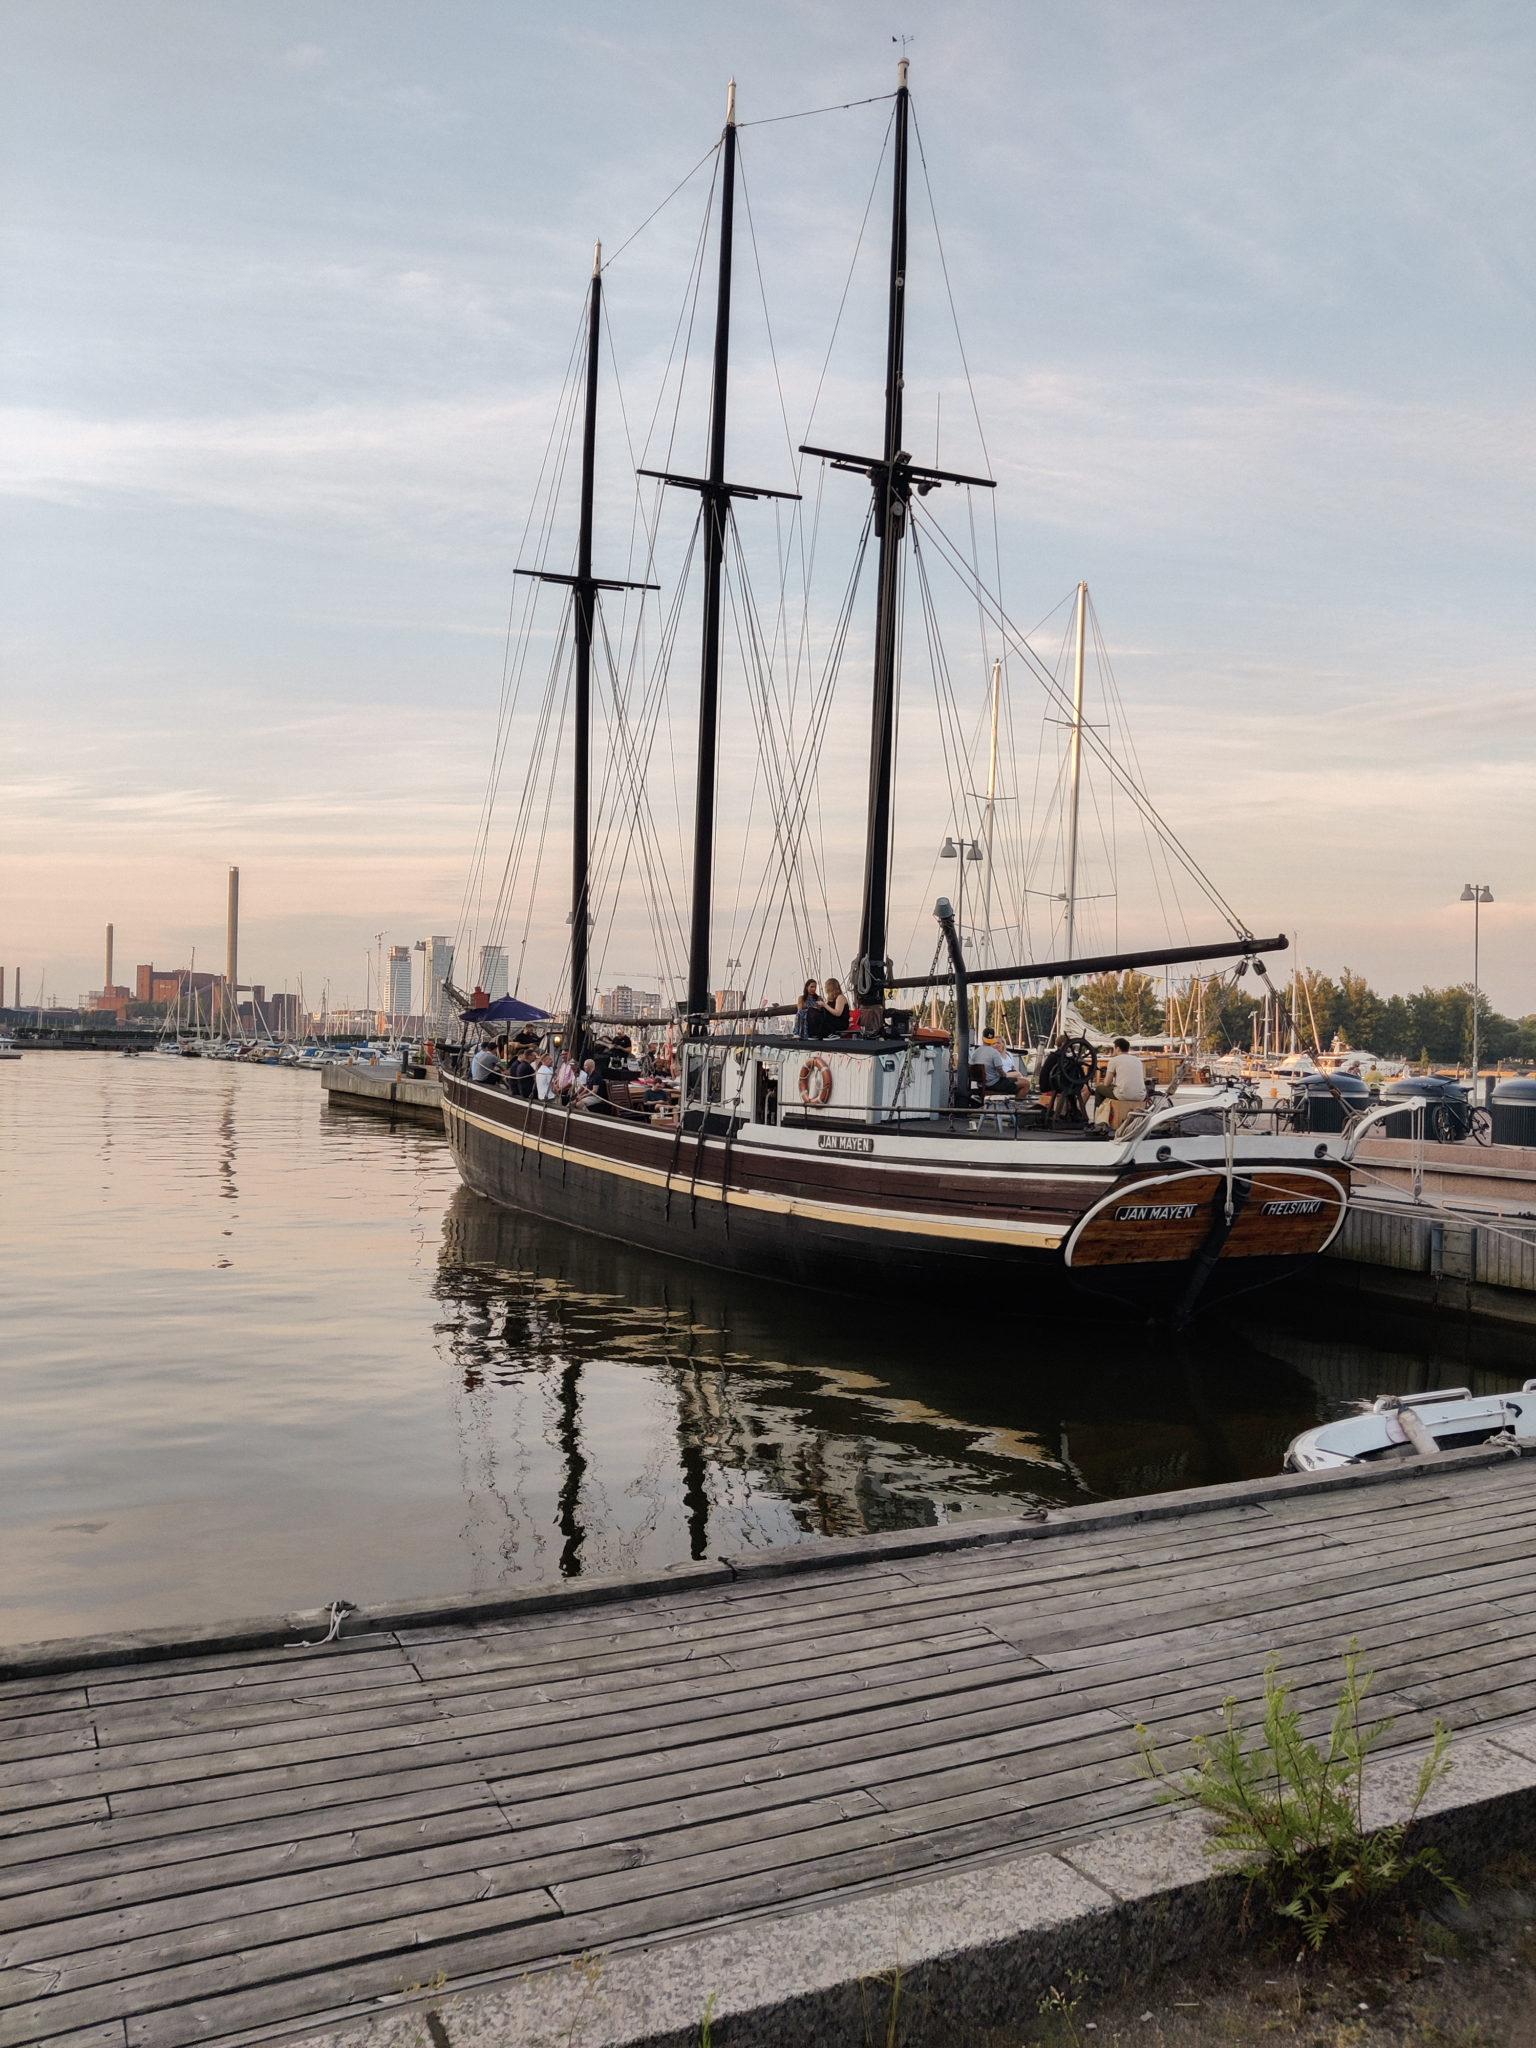 Døck - Jan Mayen kuunari - Ravintolat - Helsinkin - BMH - Big mamas home by Jenni